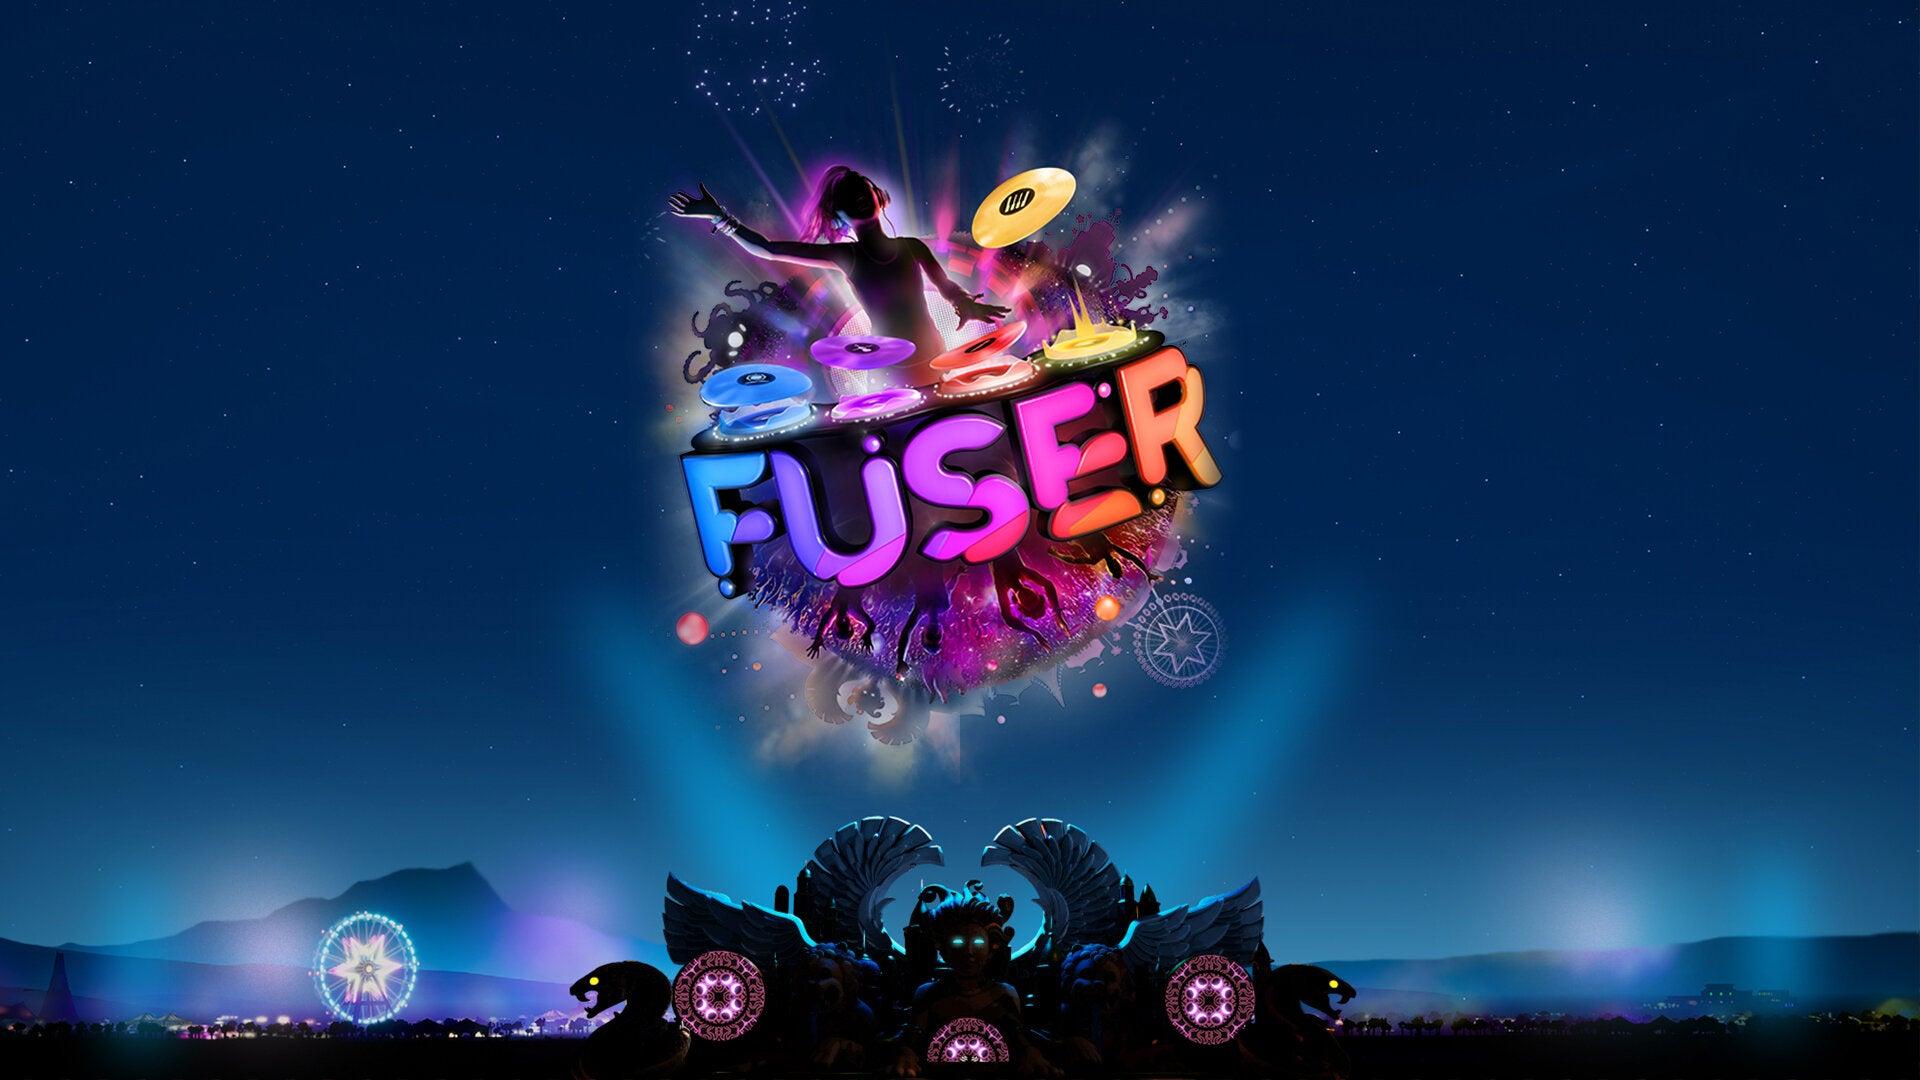 fuser video game wallpaper 72546